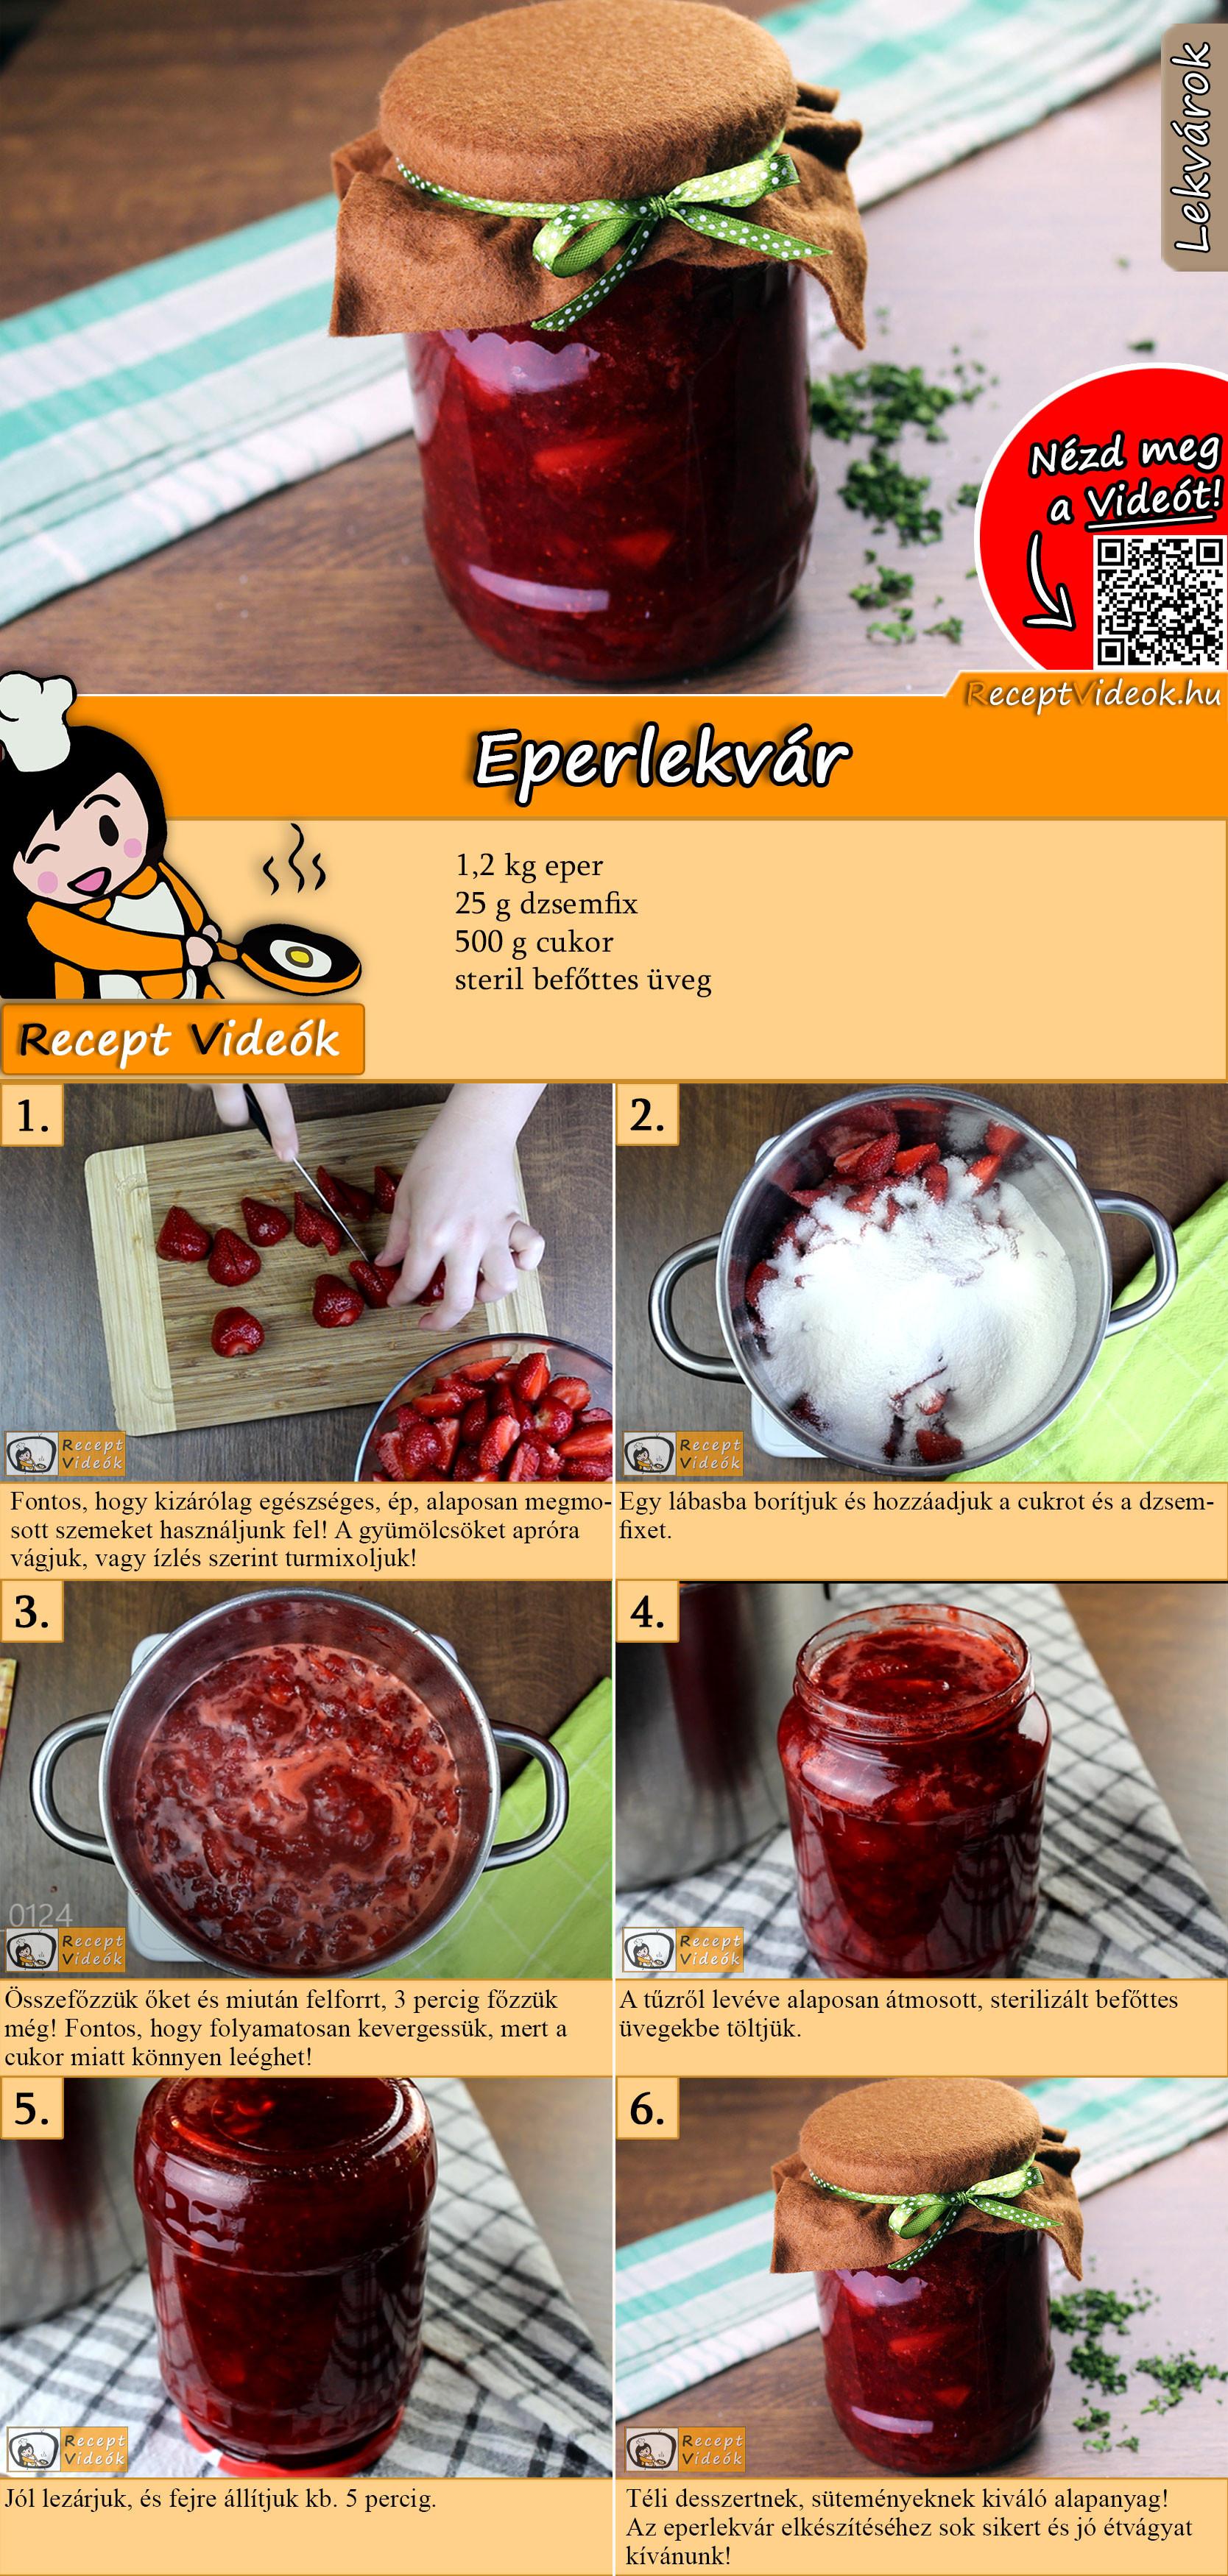 Eperlekvár recept elkészítése videóval